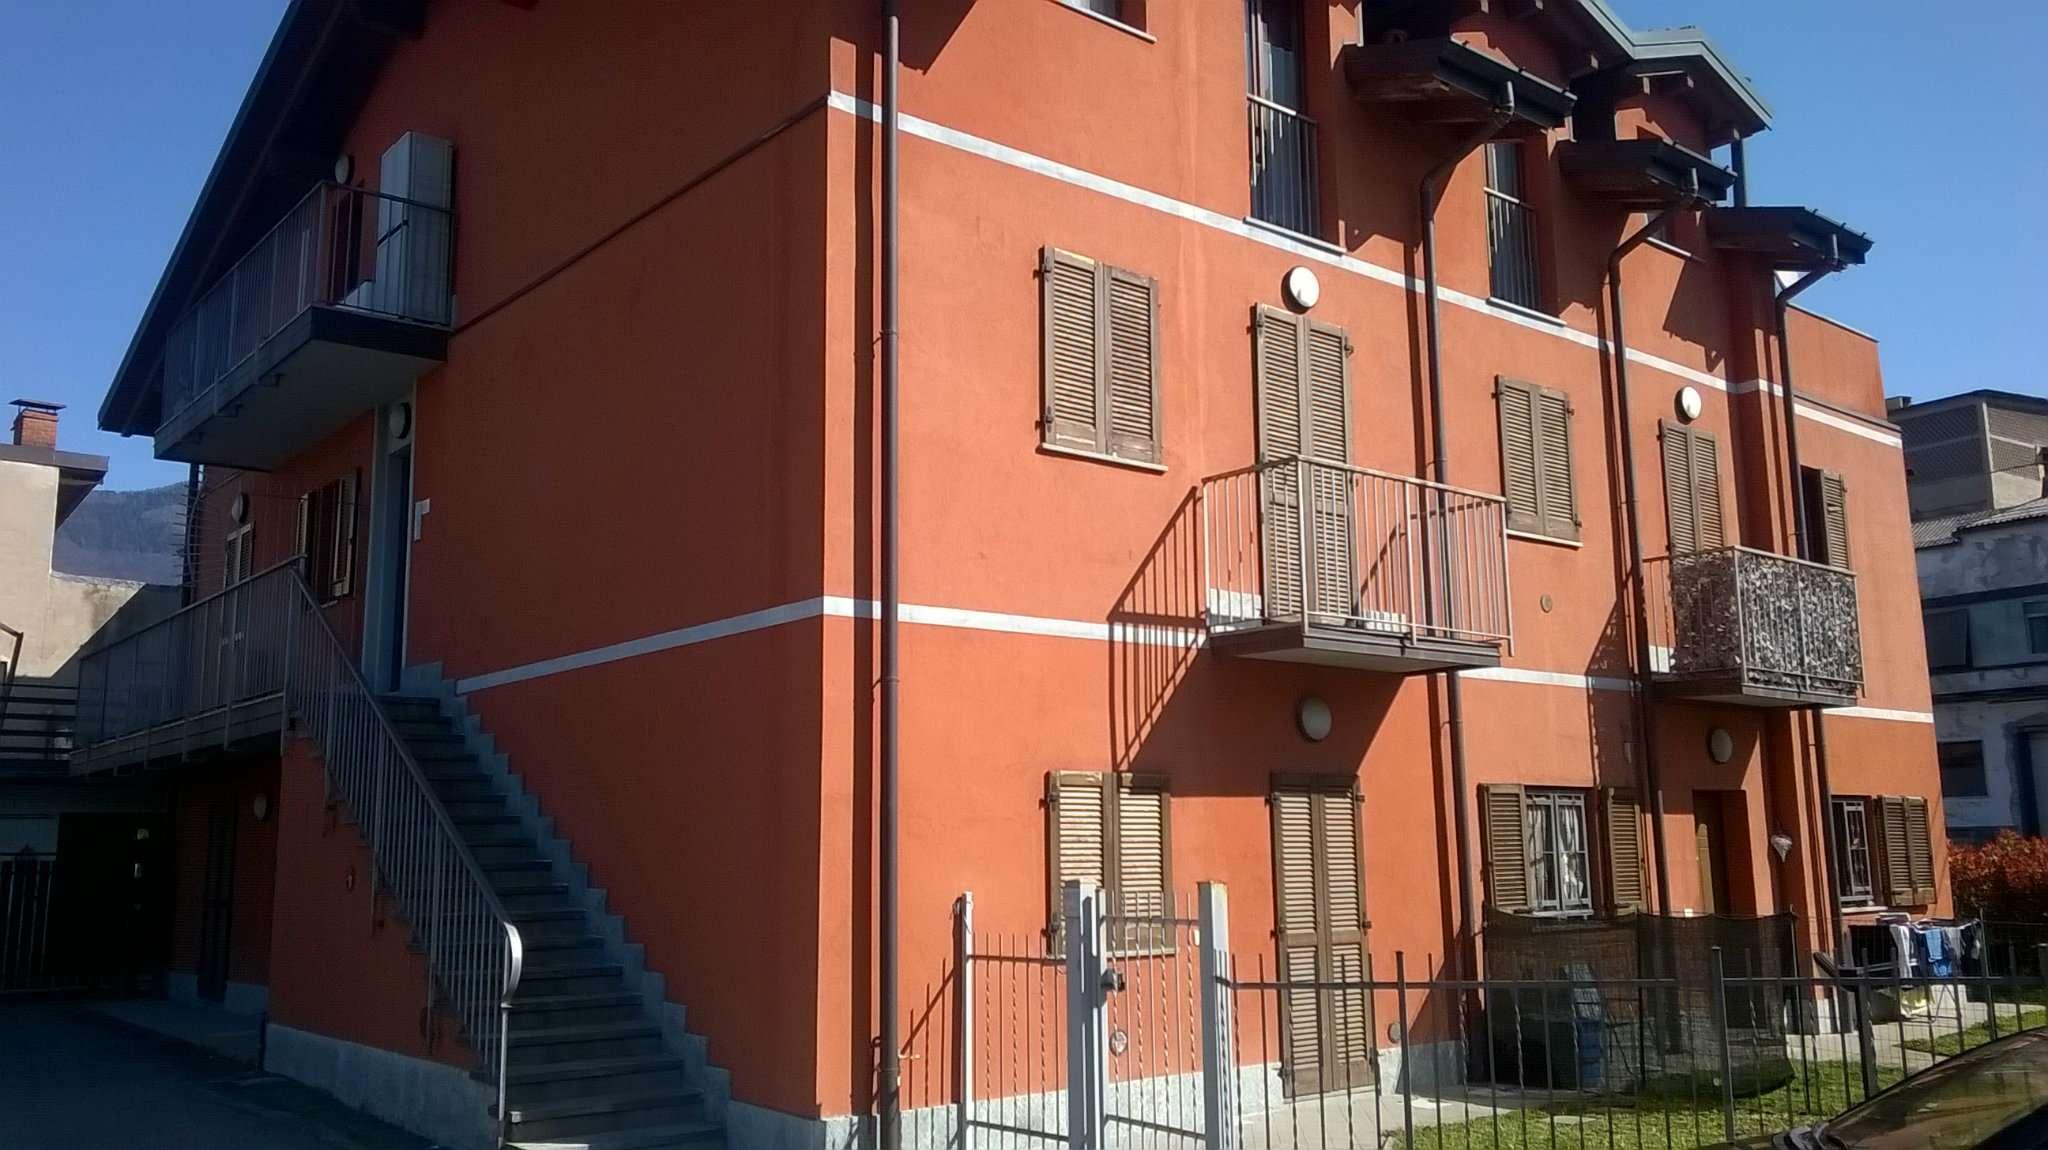 Appartamento in vendita a Gemonio, 3 locali, prezzo € 140.000 | Cambio Casa.it